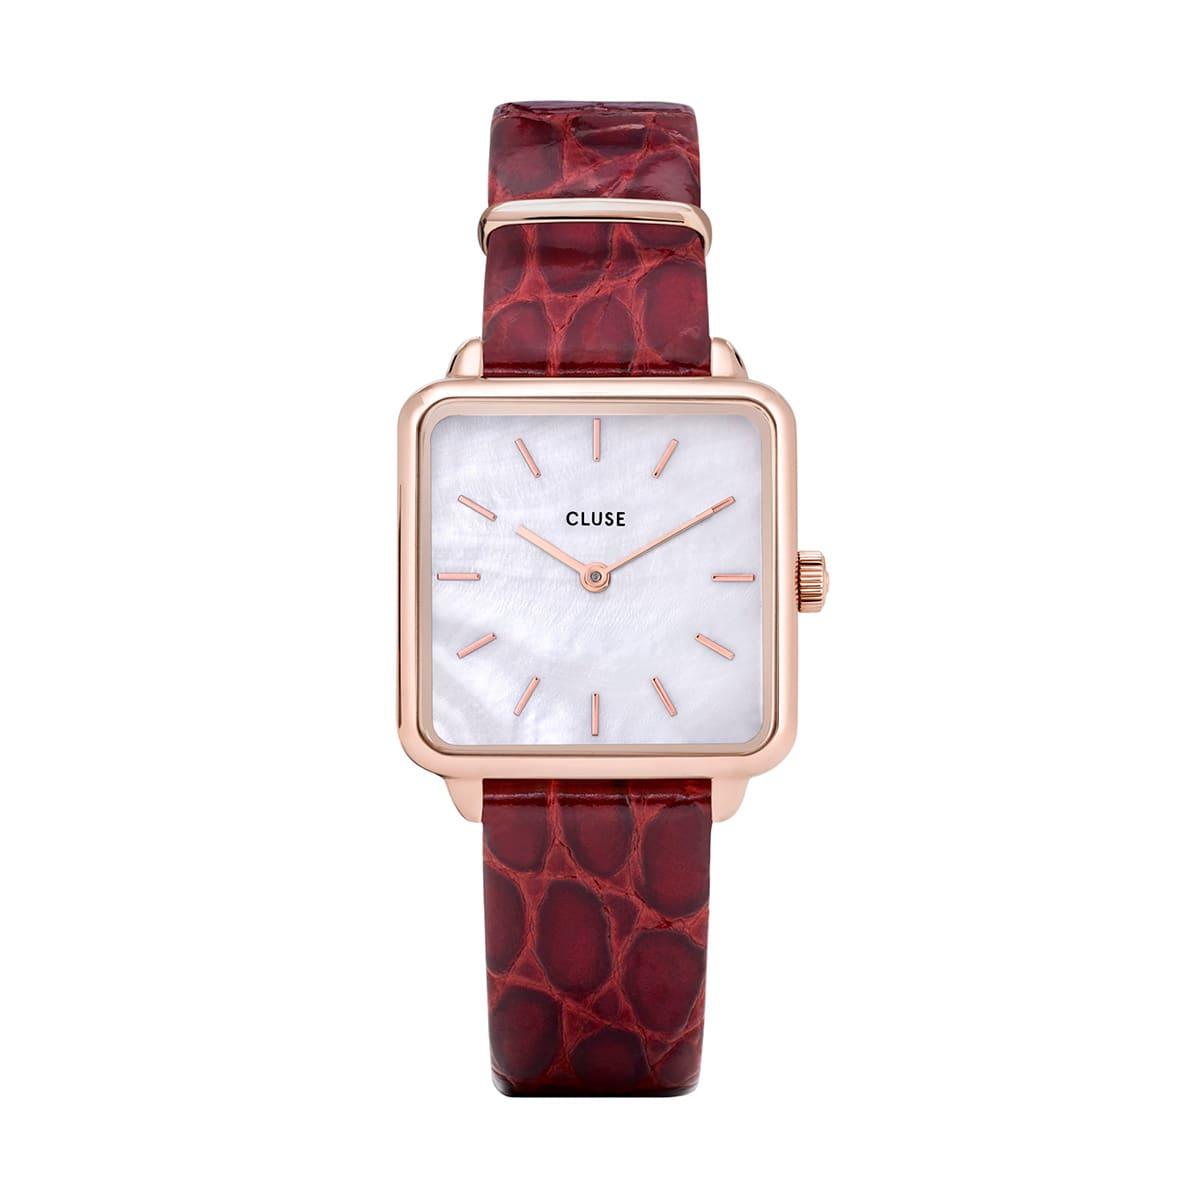 堀田茜 着用28.5mm - CW0101207029 ラ・テトラゴン レザー ローズゴールド ホワイトパール ダークレッド アリゲーター CLUSE クルース 腕時計